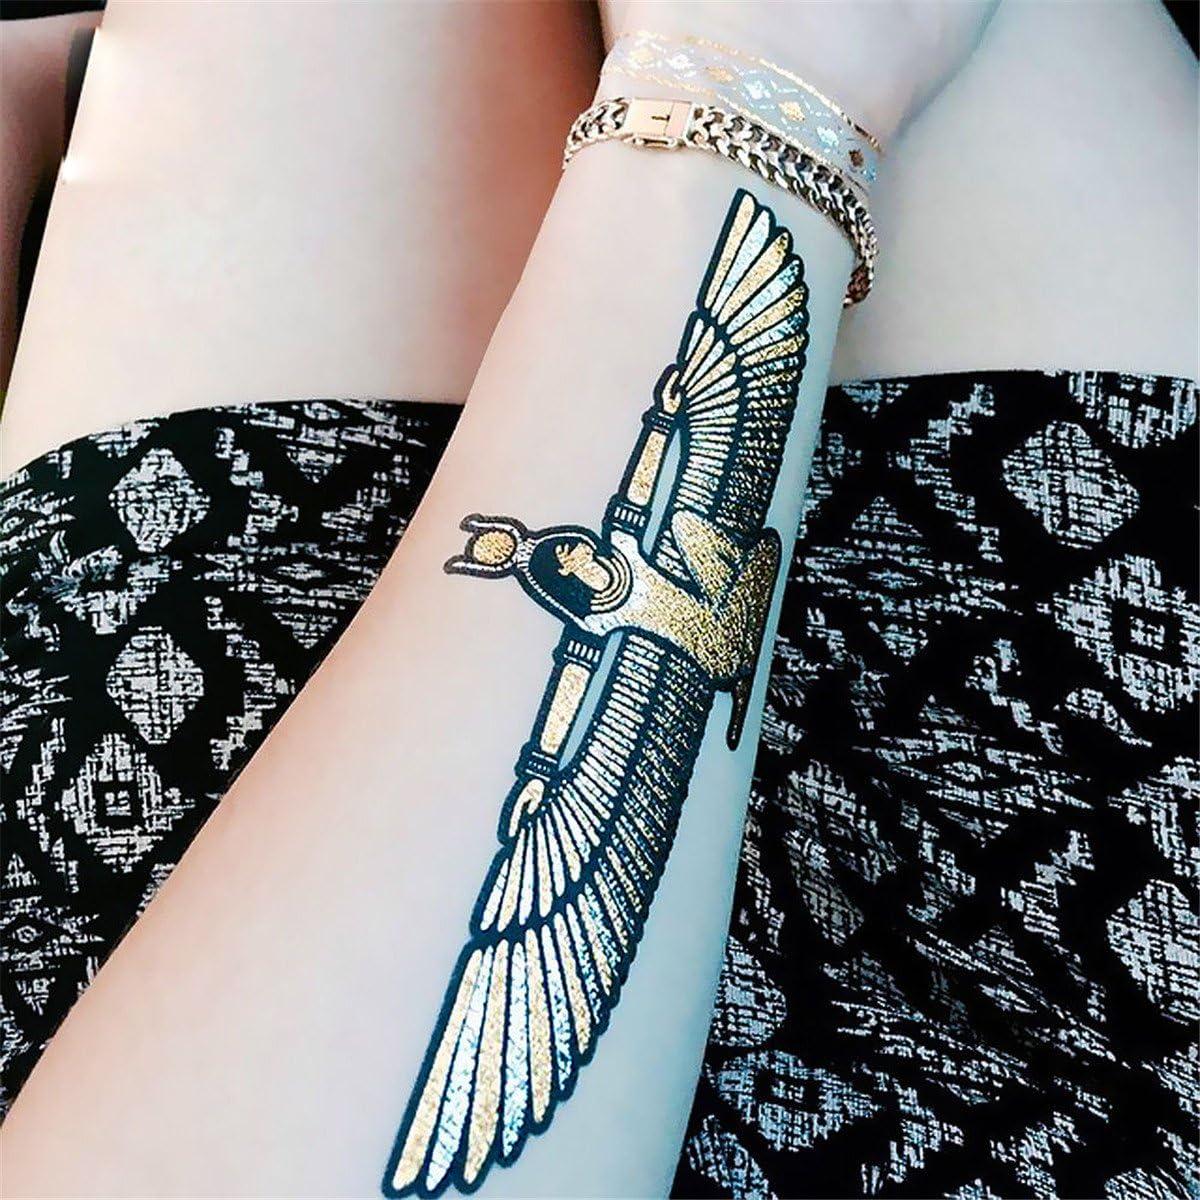 Cokohappy 5 Sheets Metallic Temporary Tattoo Egyptian Cleopatra Ankh Cross Eye Of Horus Gold Silver Shine Beach Armband Amazon Co Uk Beauty